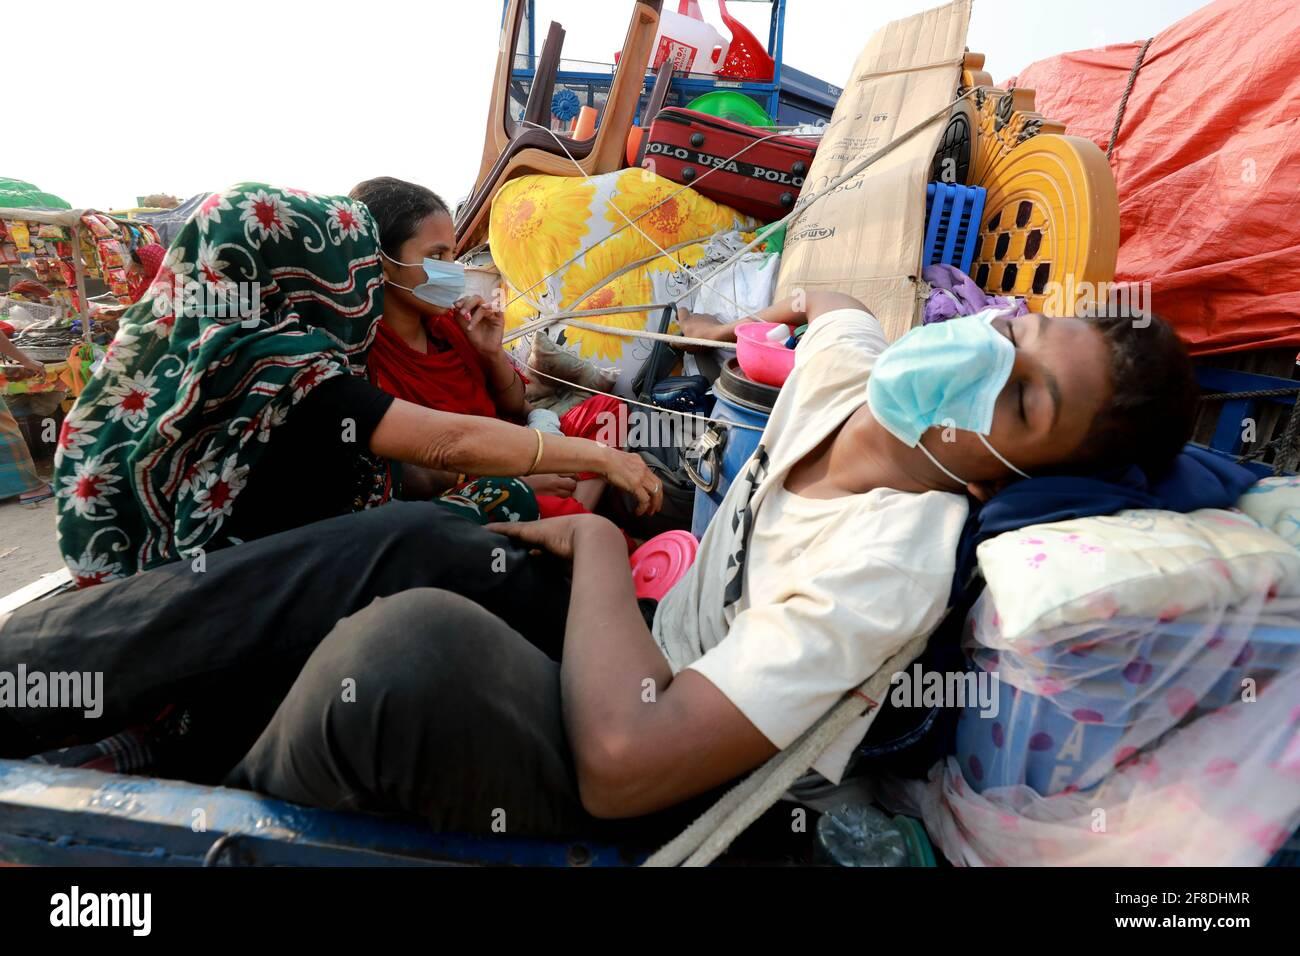 Dhaka, Dhaka, Bangladesch. April 2021. Die Menschen beginnen, Dhaka vor einer neuen Sperre zu verlassen, die mit strengeren Regeln durchgesetzt werden soll. Am Shimulia-Fährhafen wird ein Ansturm von Passagieren mit Heimkontakt beobachtet.Quelle: Harun-or-Rashid/ZUMA Wire/Alamy Live News Stockfoto